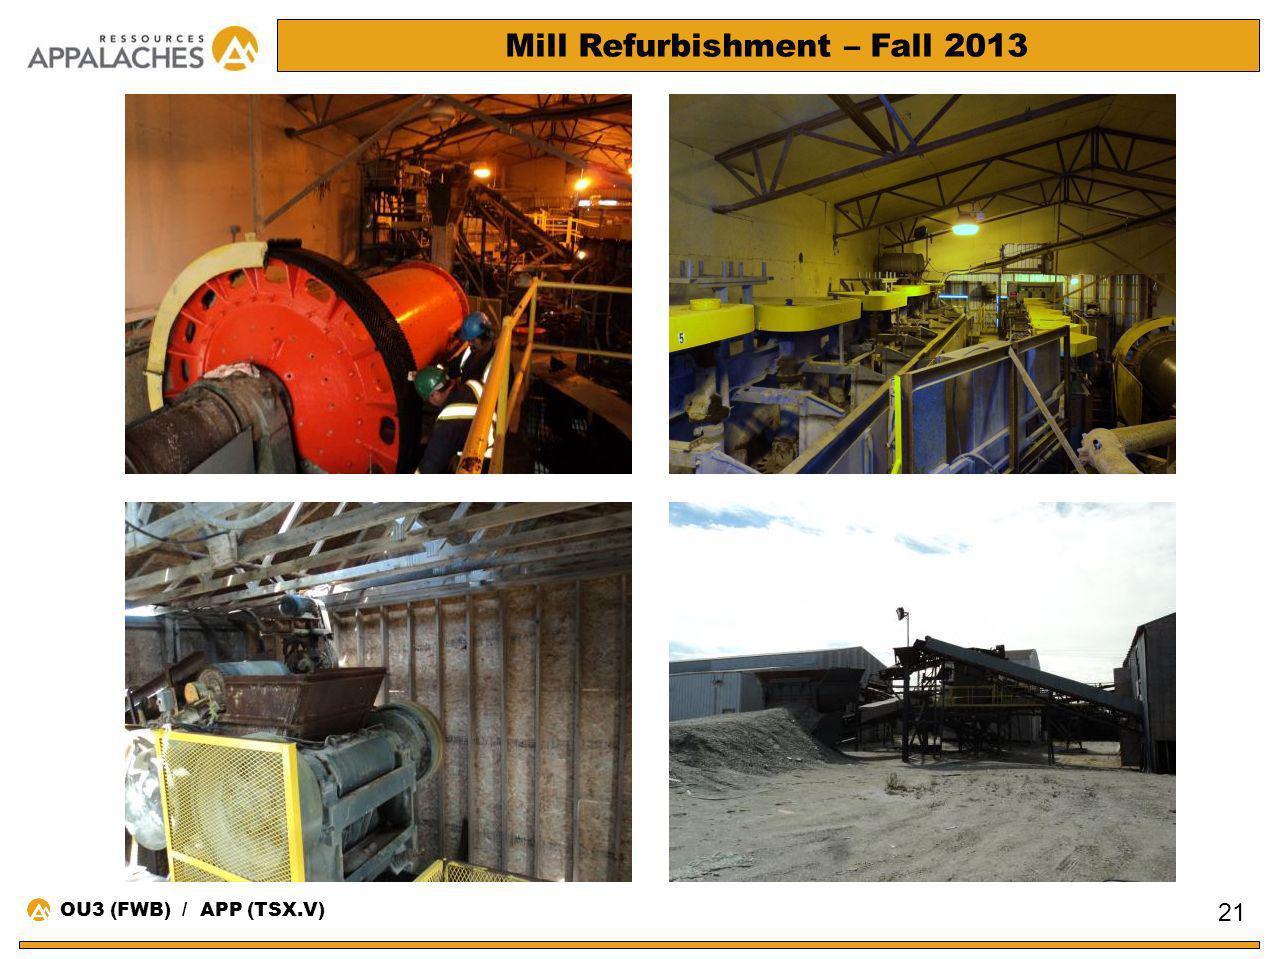 Mill Refurbishment – Fall 2013 21 OU3 (FWB) / APP (TSX.V)